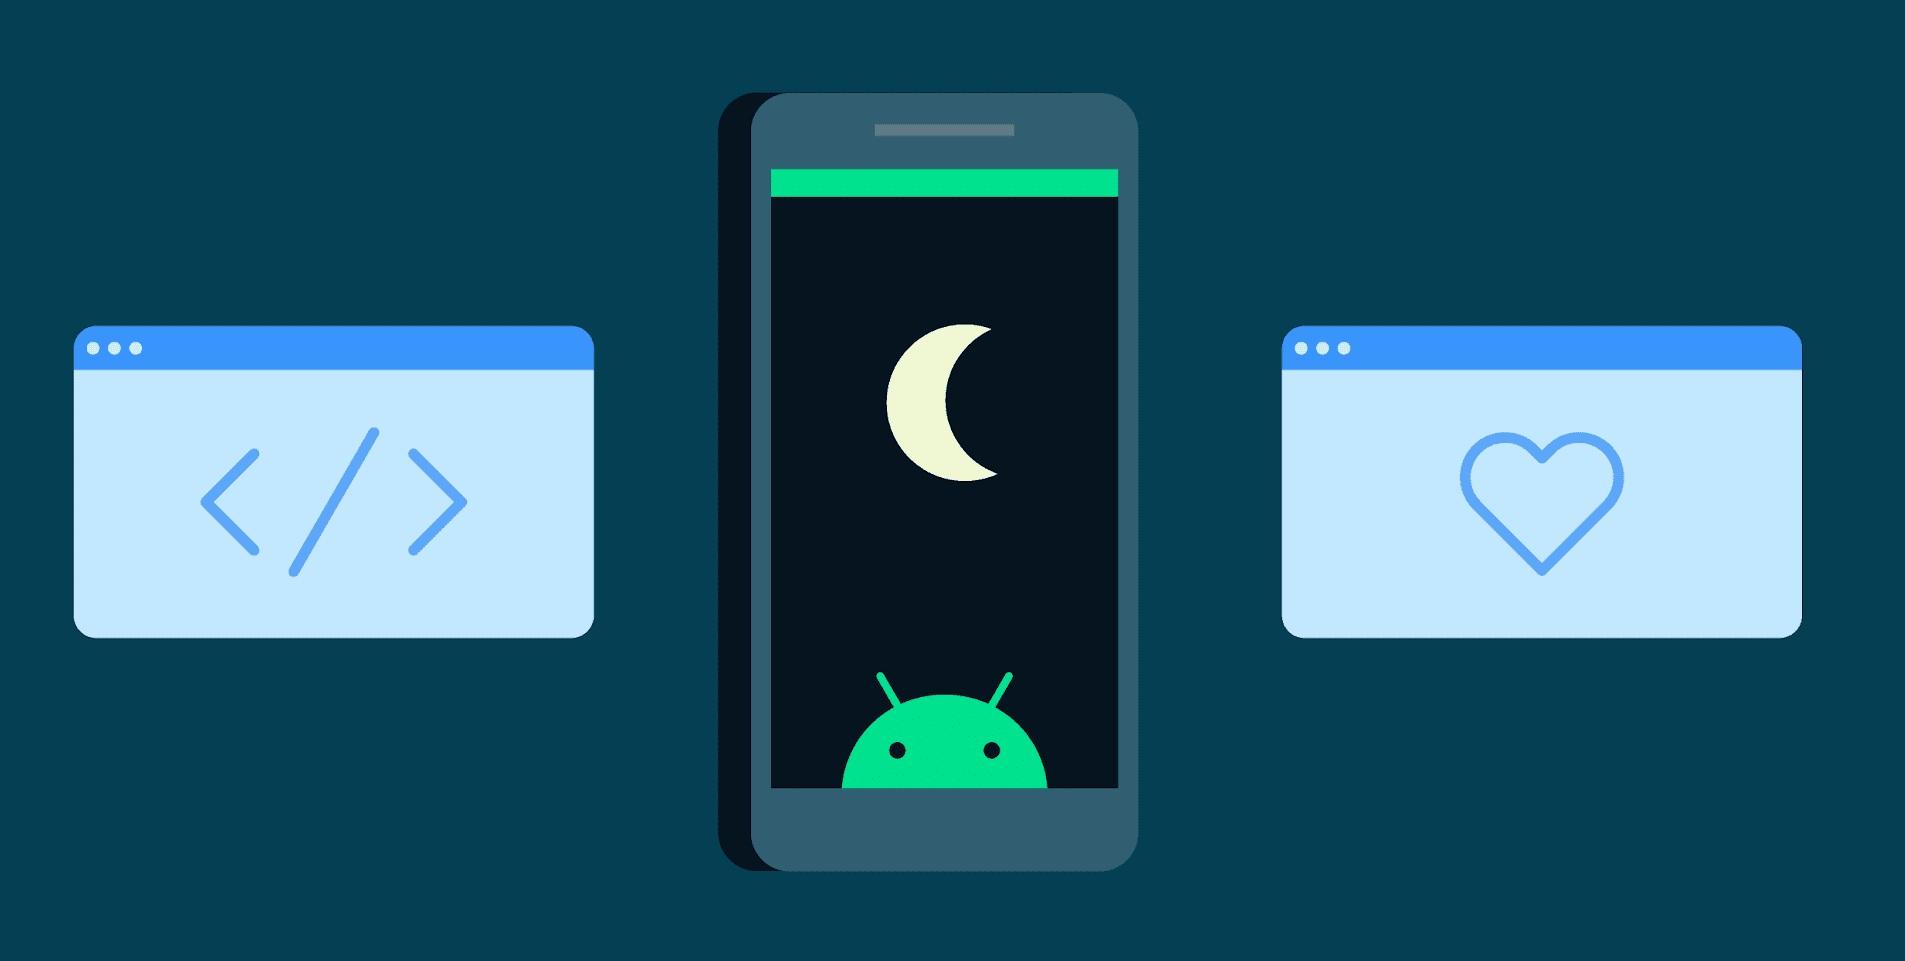 На Android появился интерфейс Sleep API. Он позволит улучшить работу приложений для здорового образа жизни